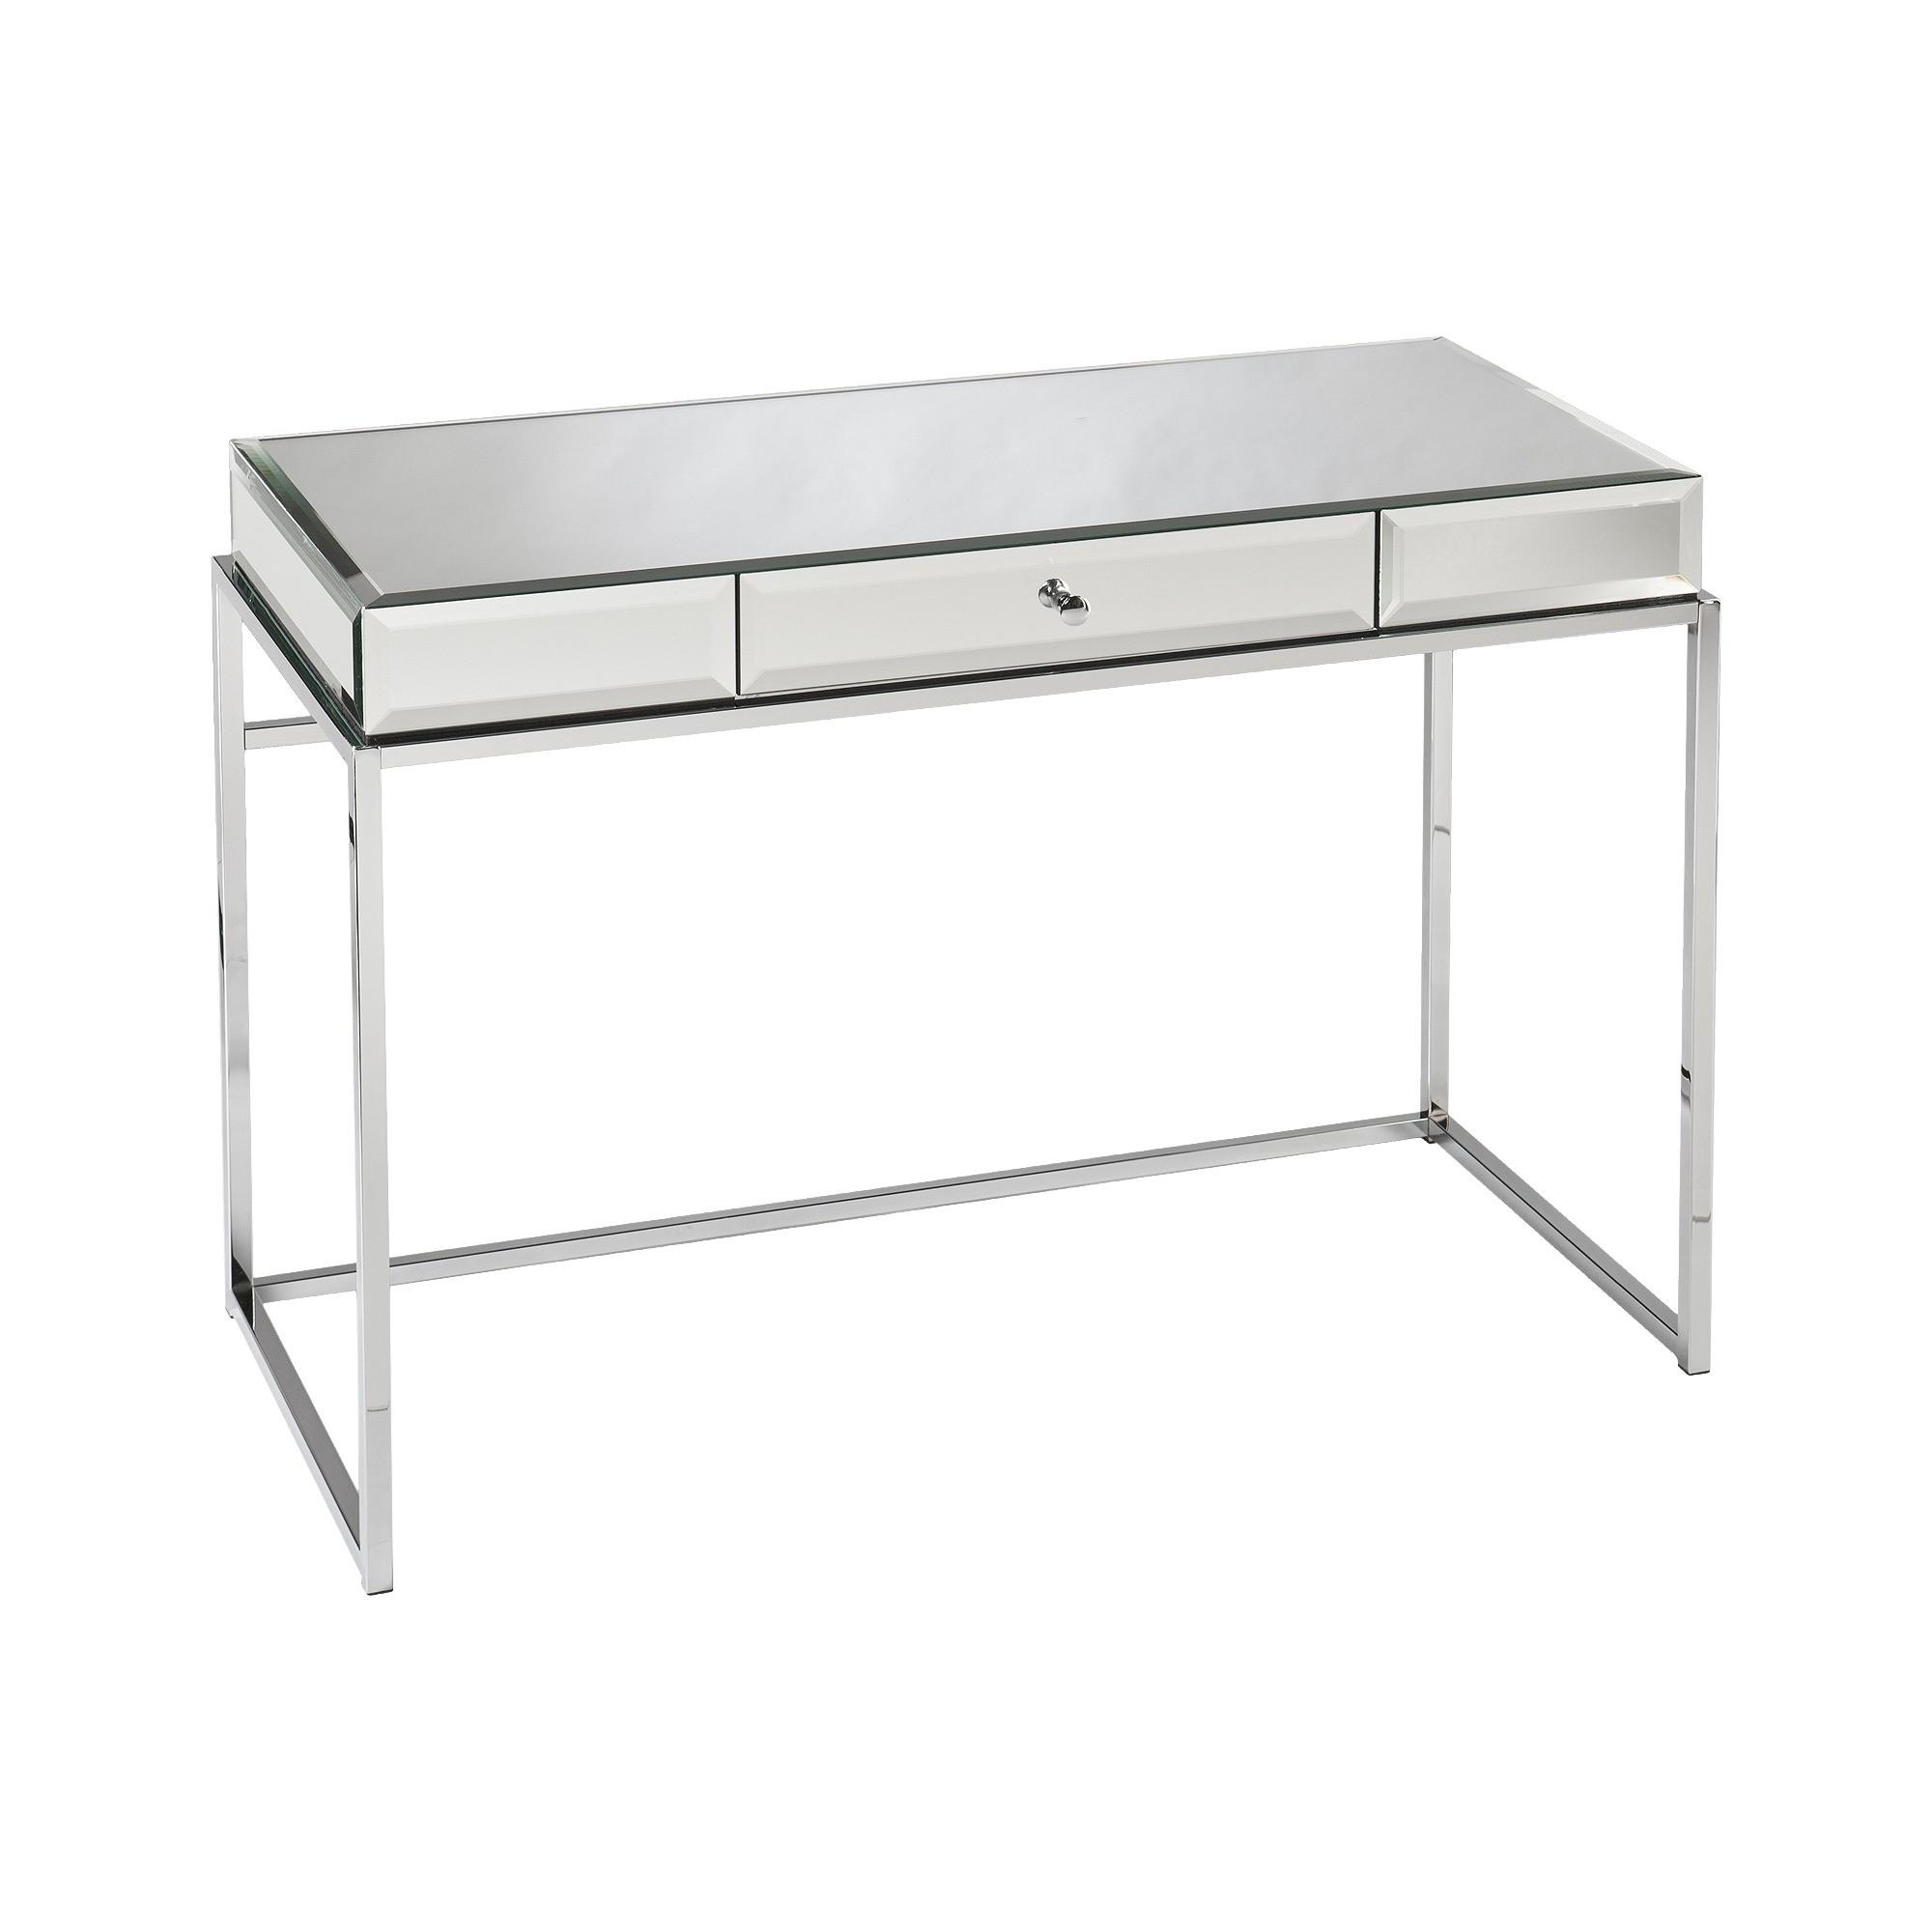 Modern glass mirrored desk aiden lane clear mirror desk modern